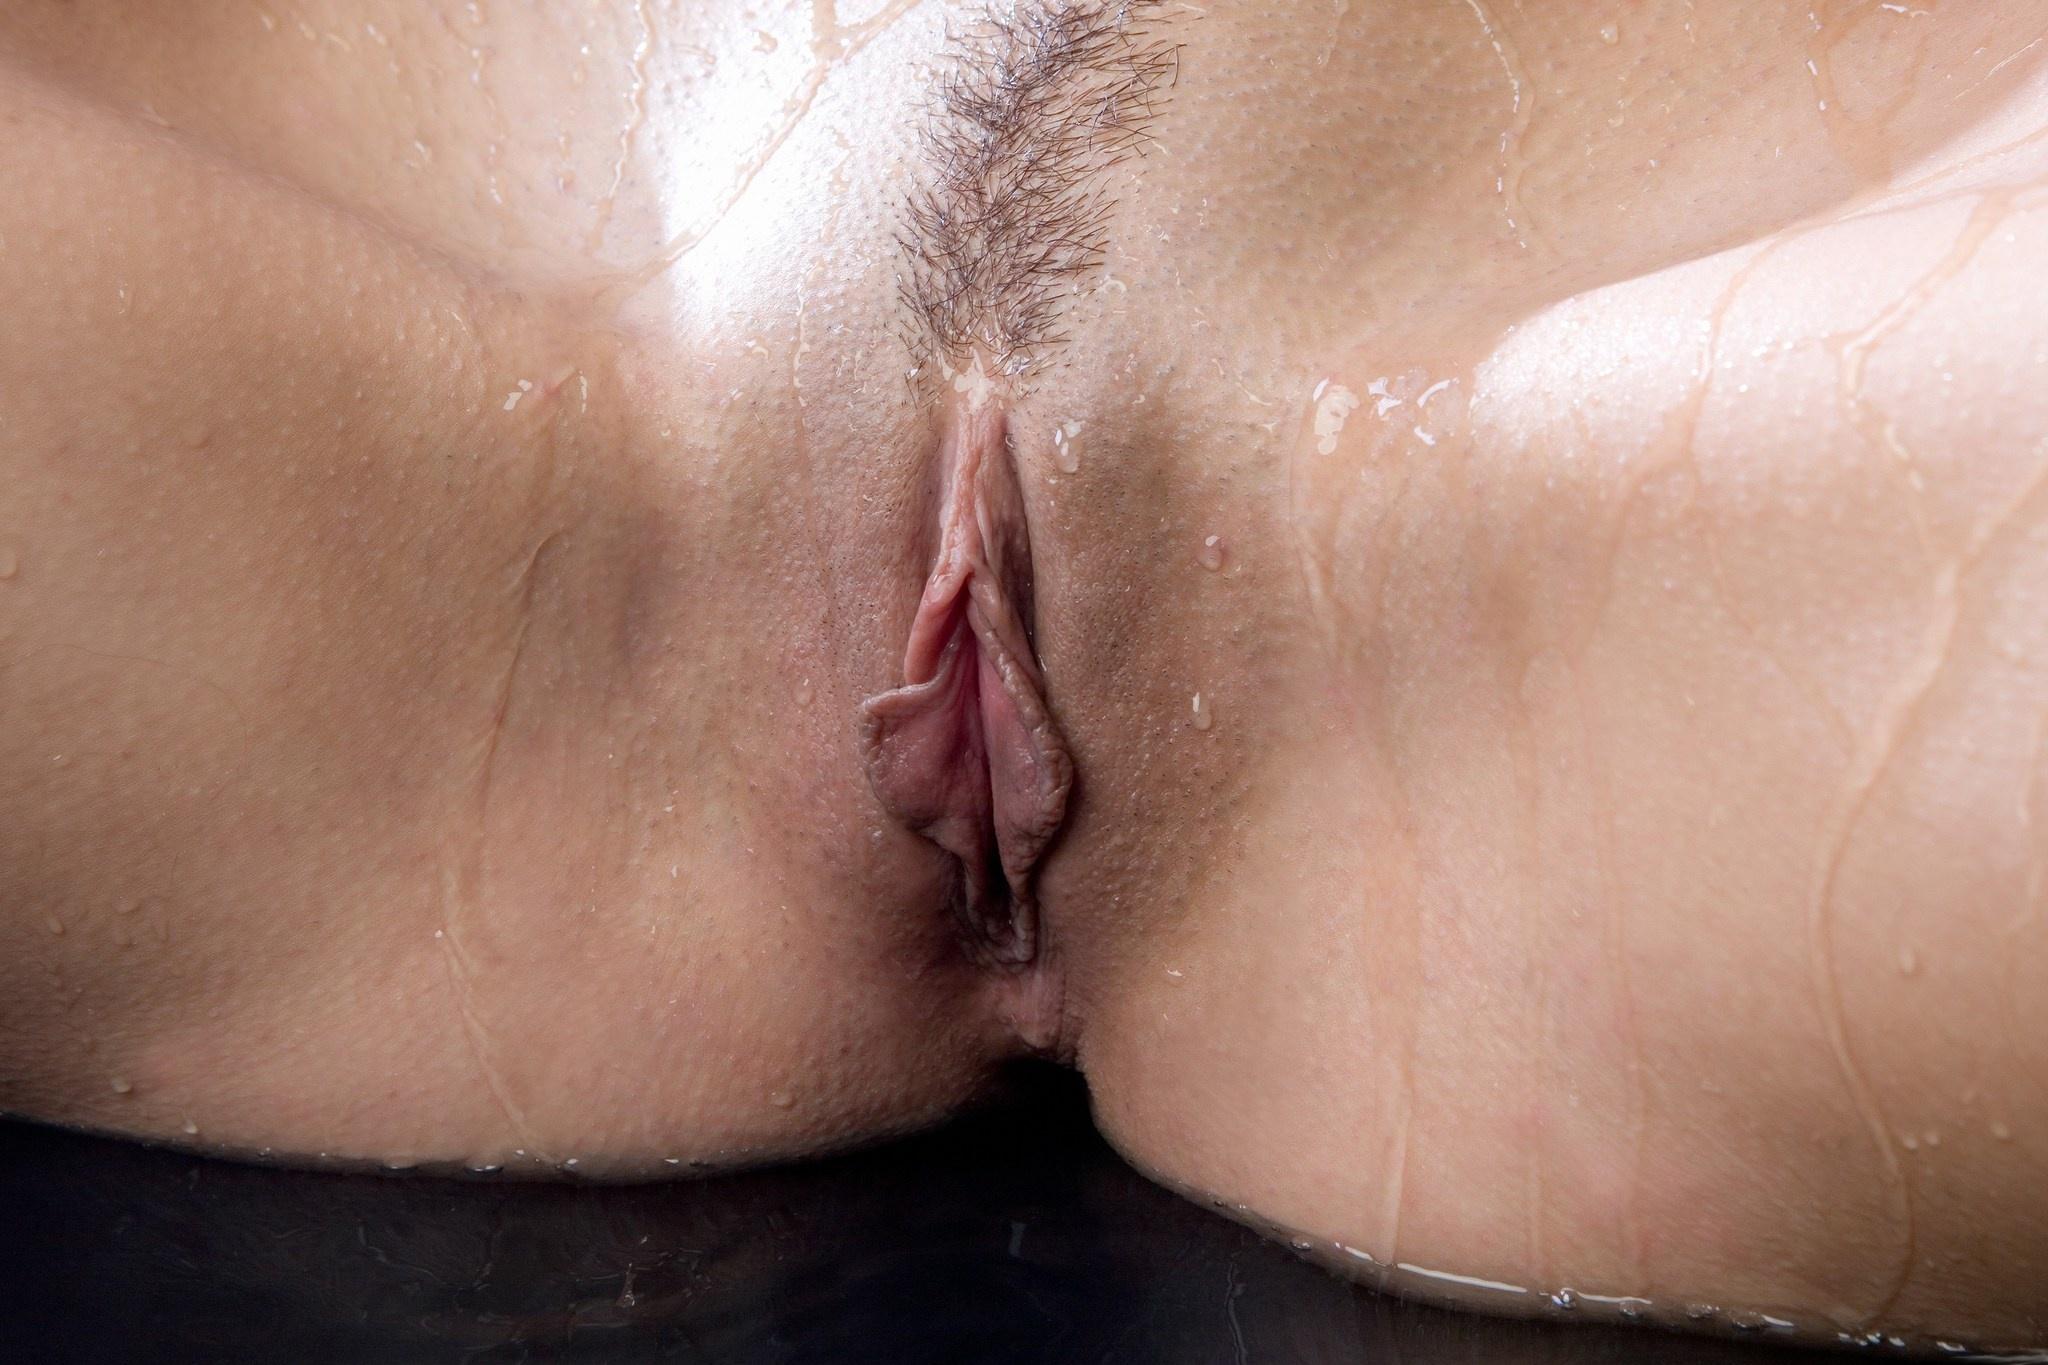 Hot girl big booty nude self shot